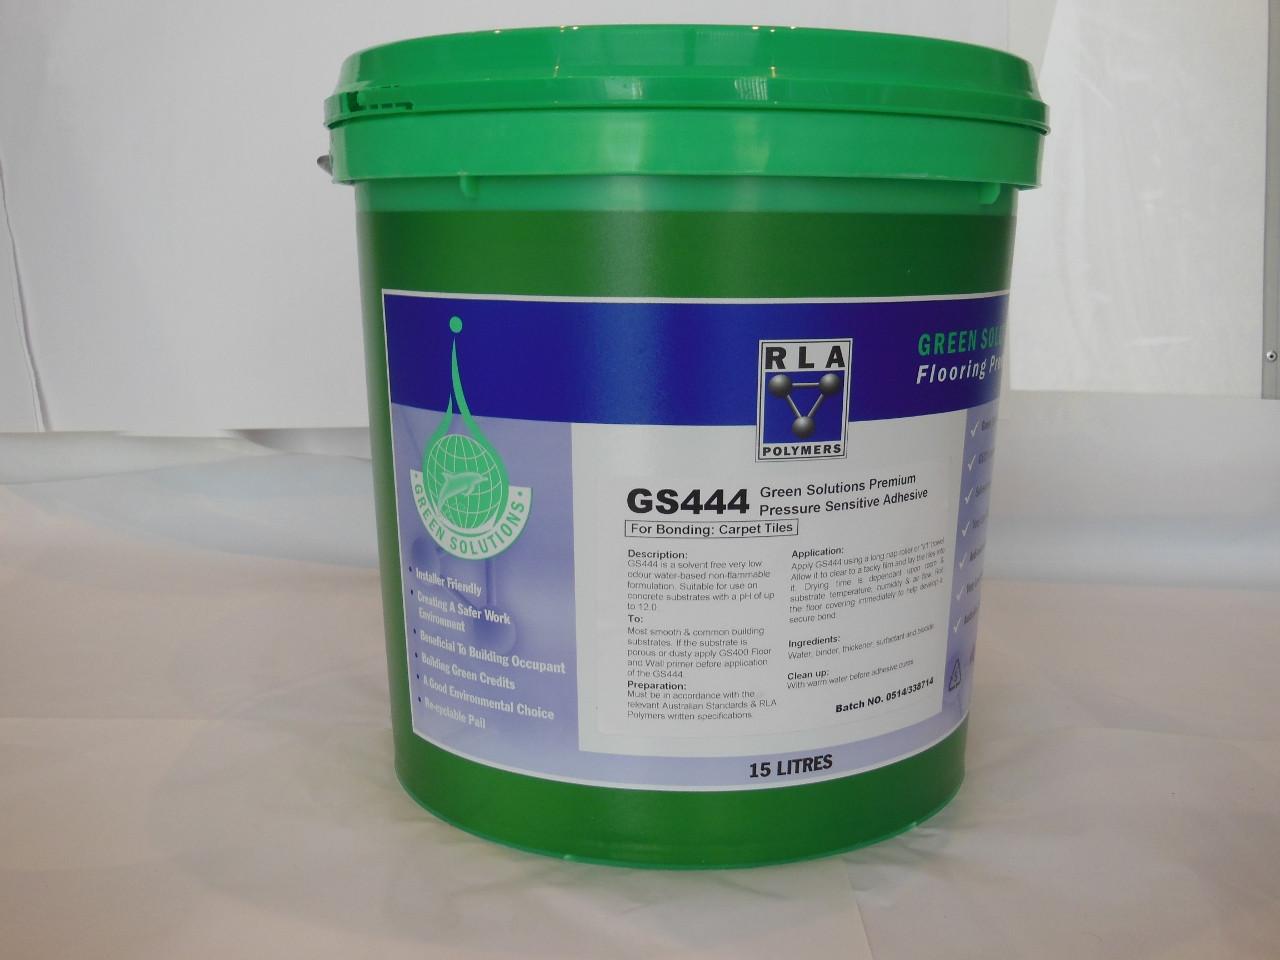 GS444 Pressure Sensitive Adhesive